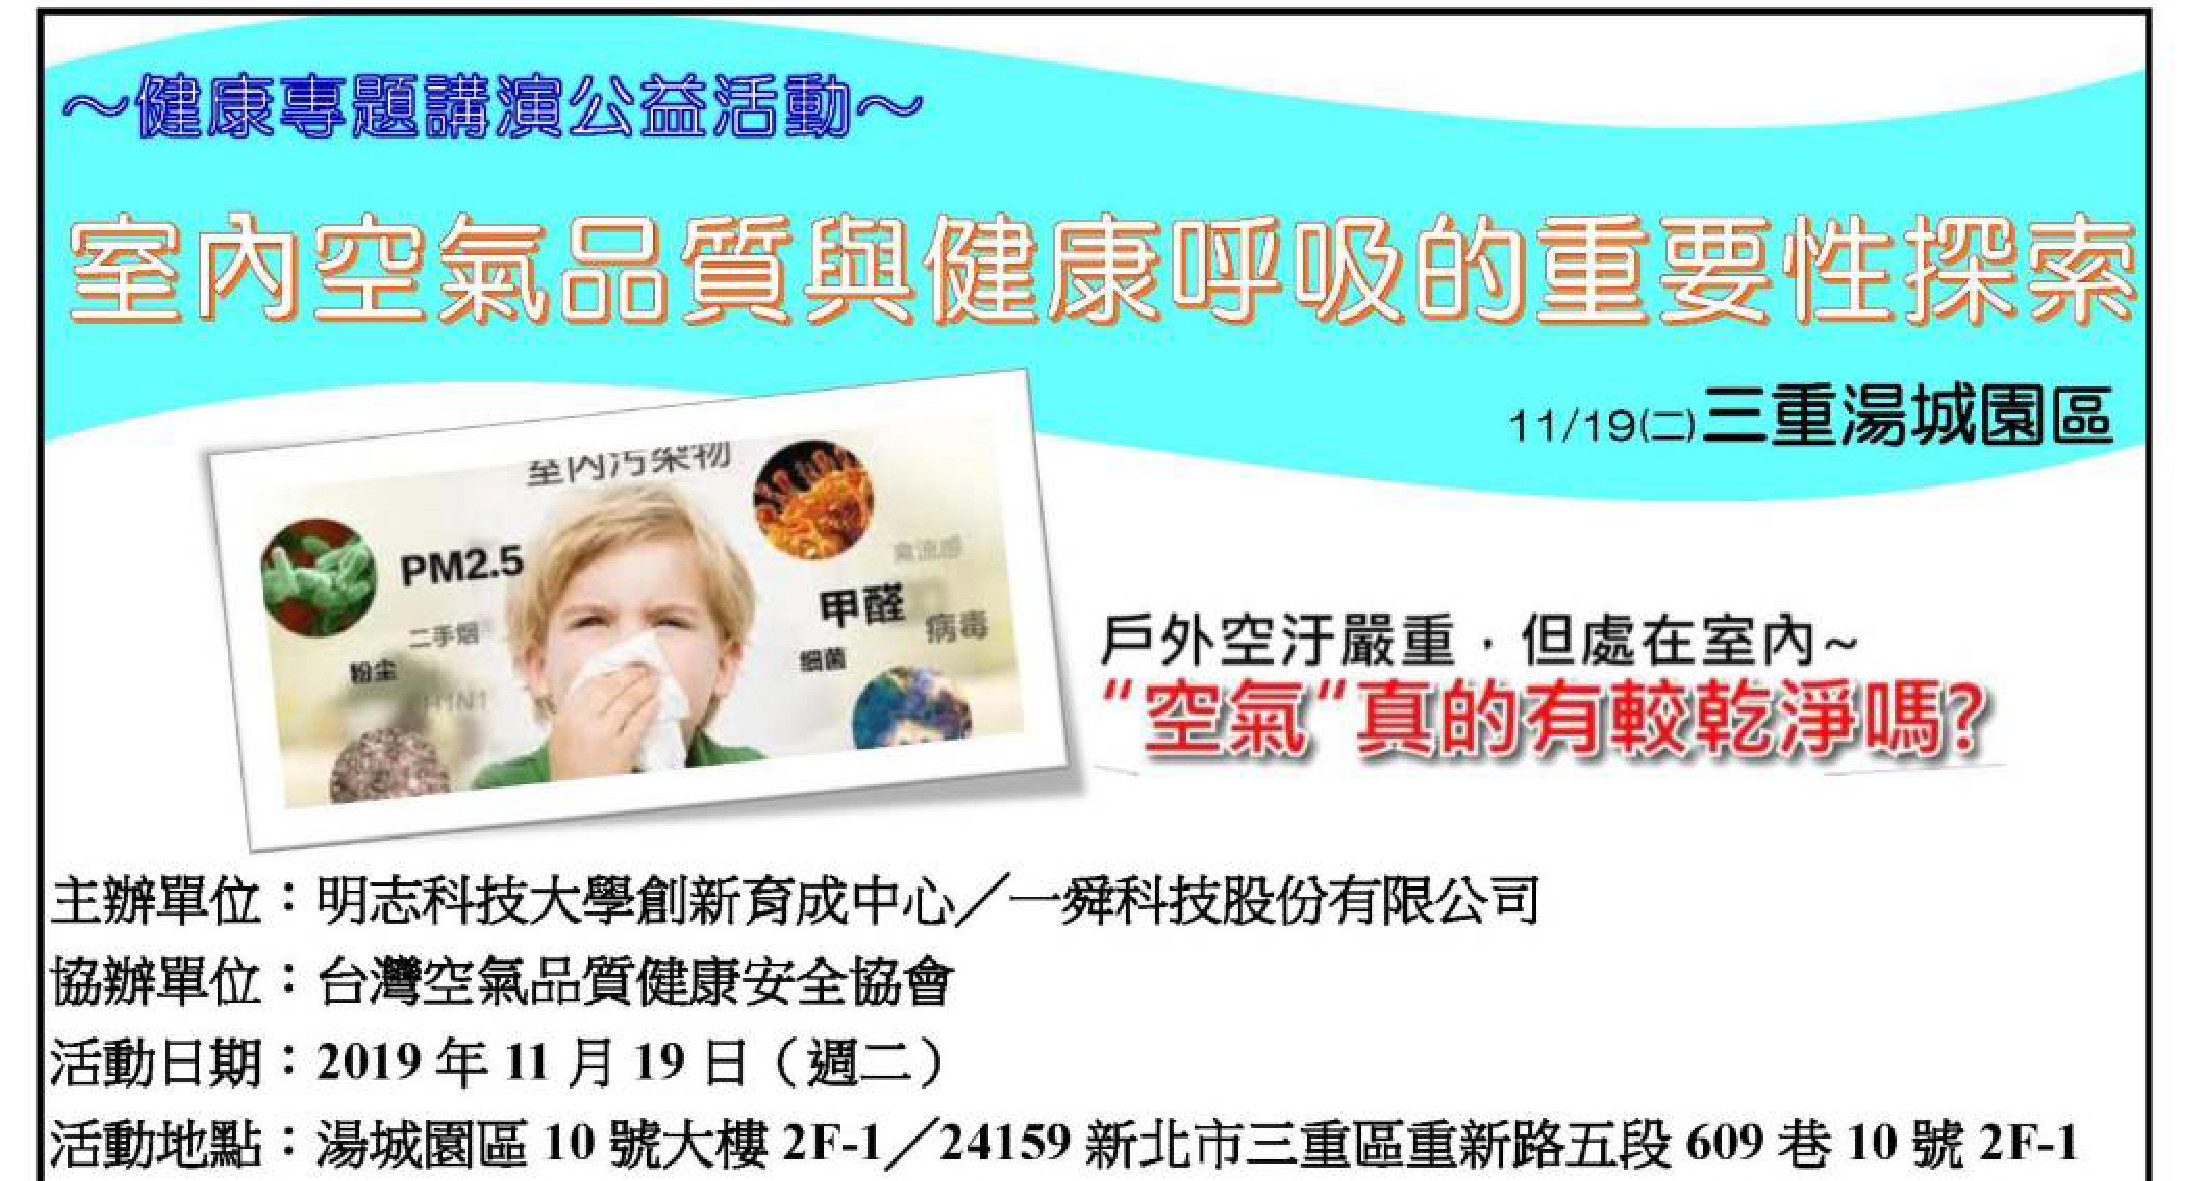 11/19室內空氣品質與健康呼吸的重要性探索(三重湯城園區)-空氣清淨機認證